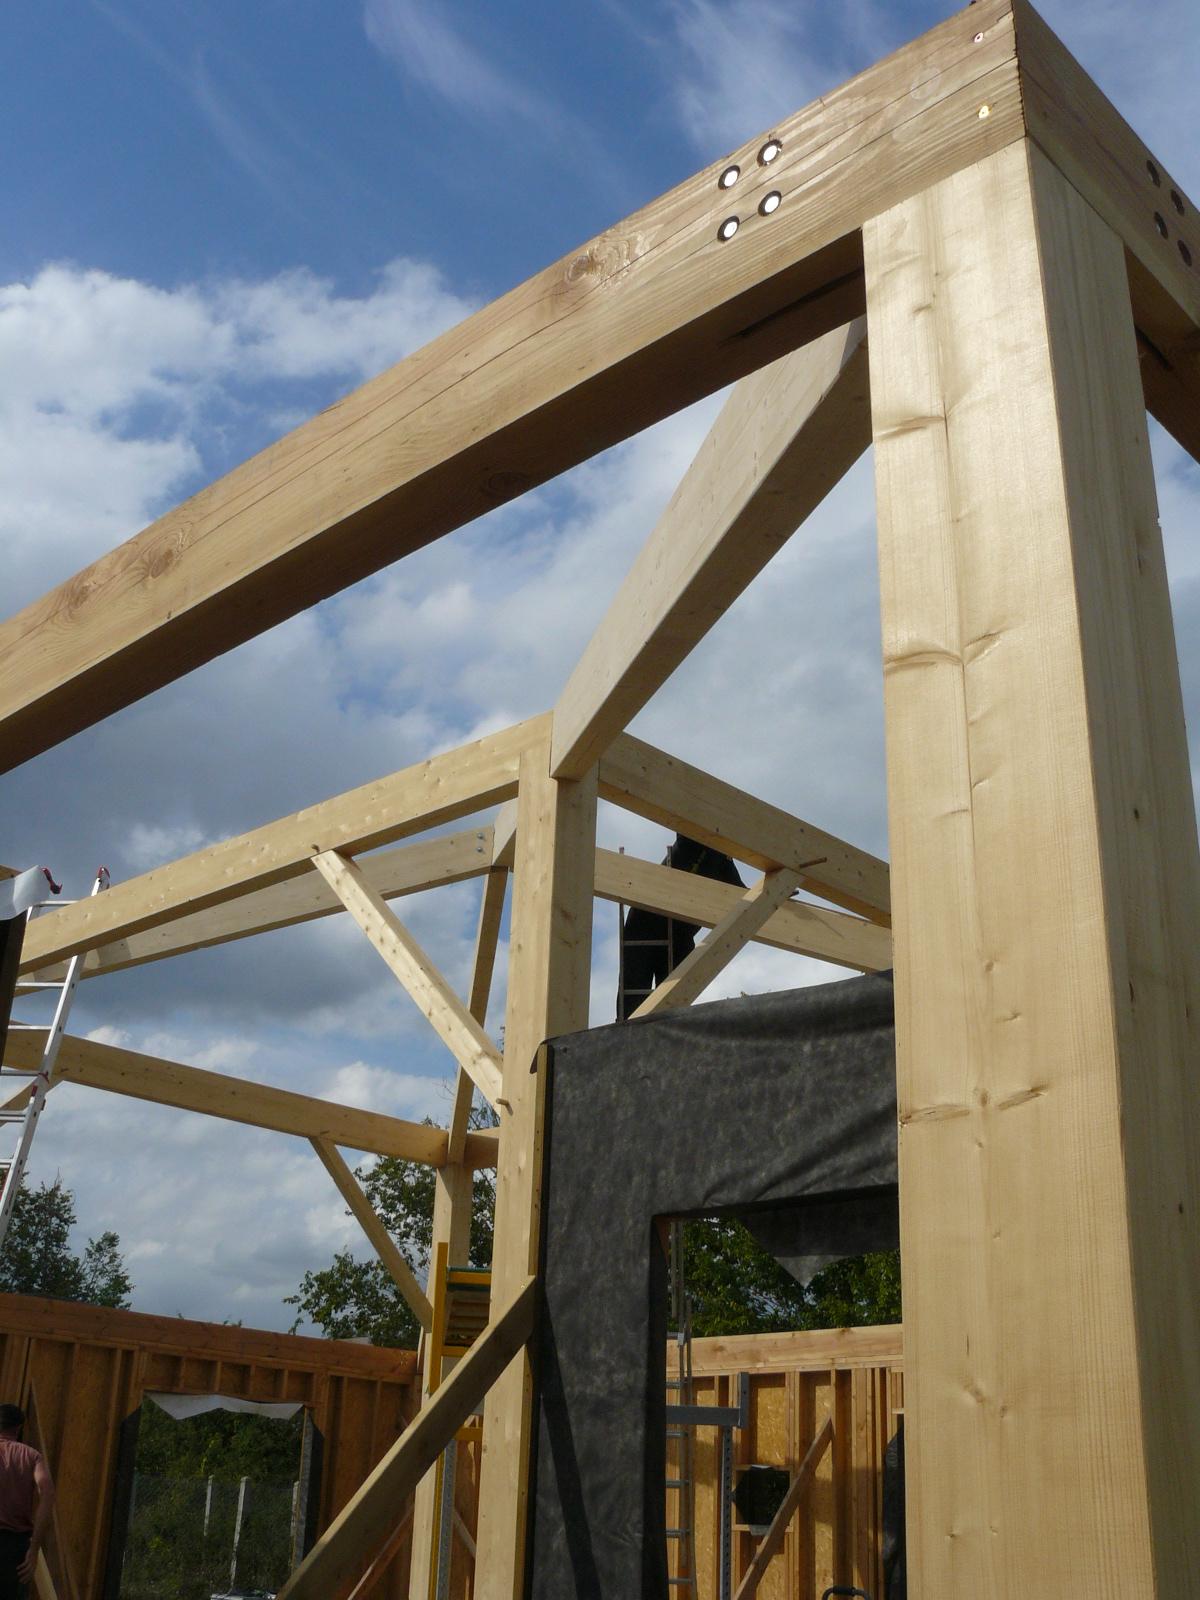 Fazele constructive ale unei case din lemn la cheie NATURAL LIVING - Poza 41